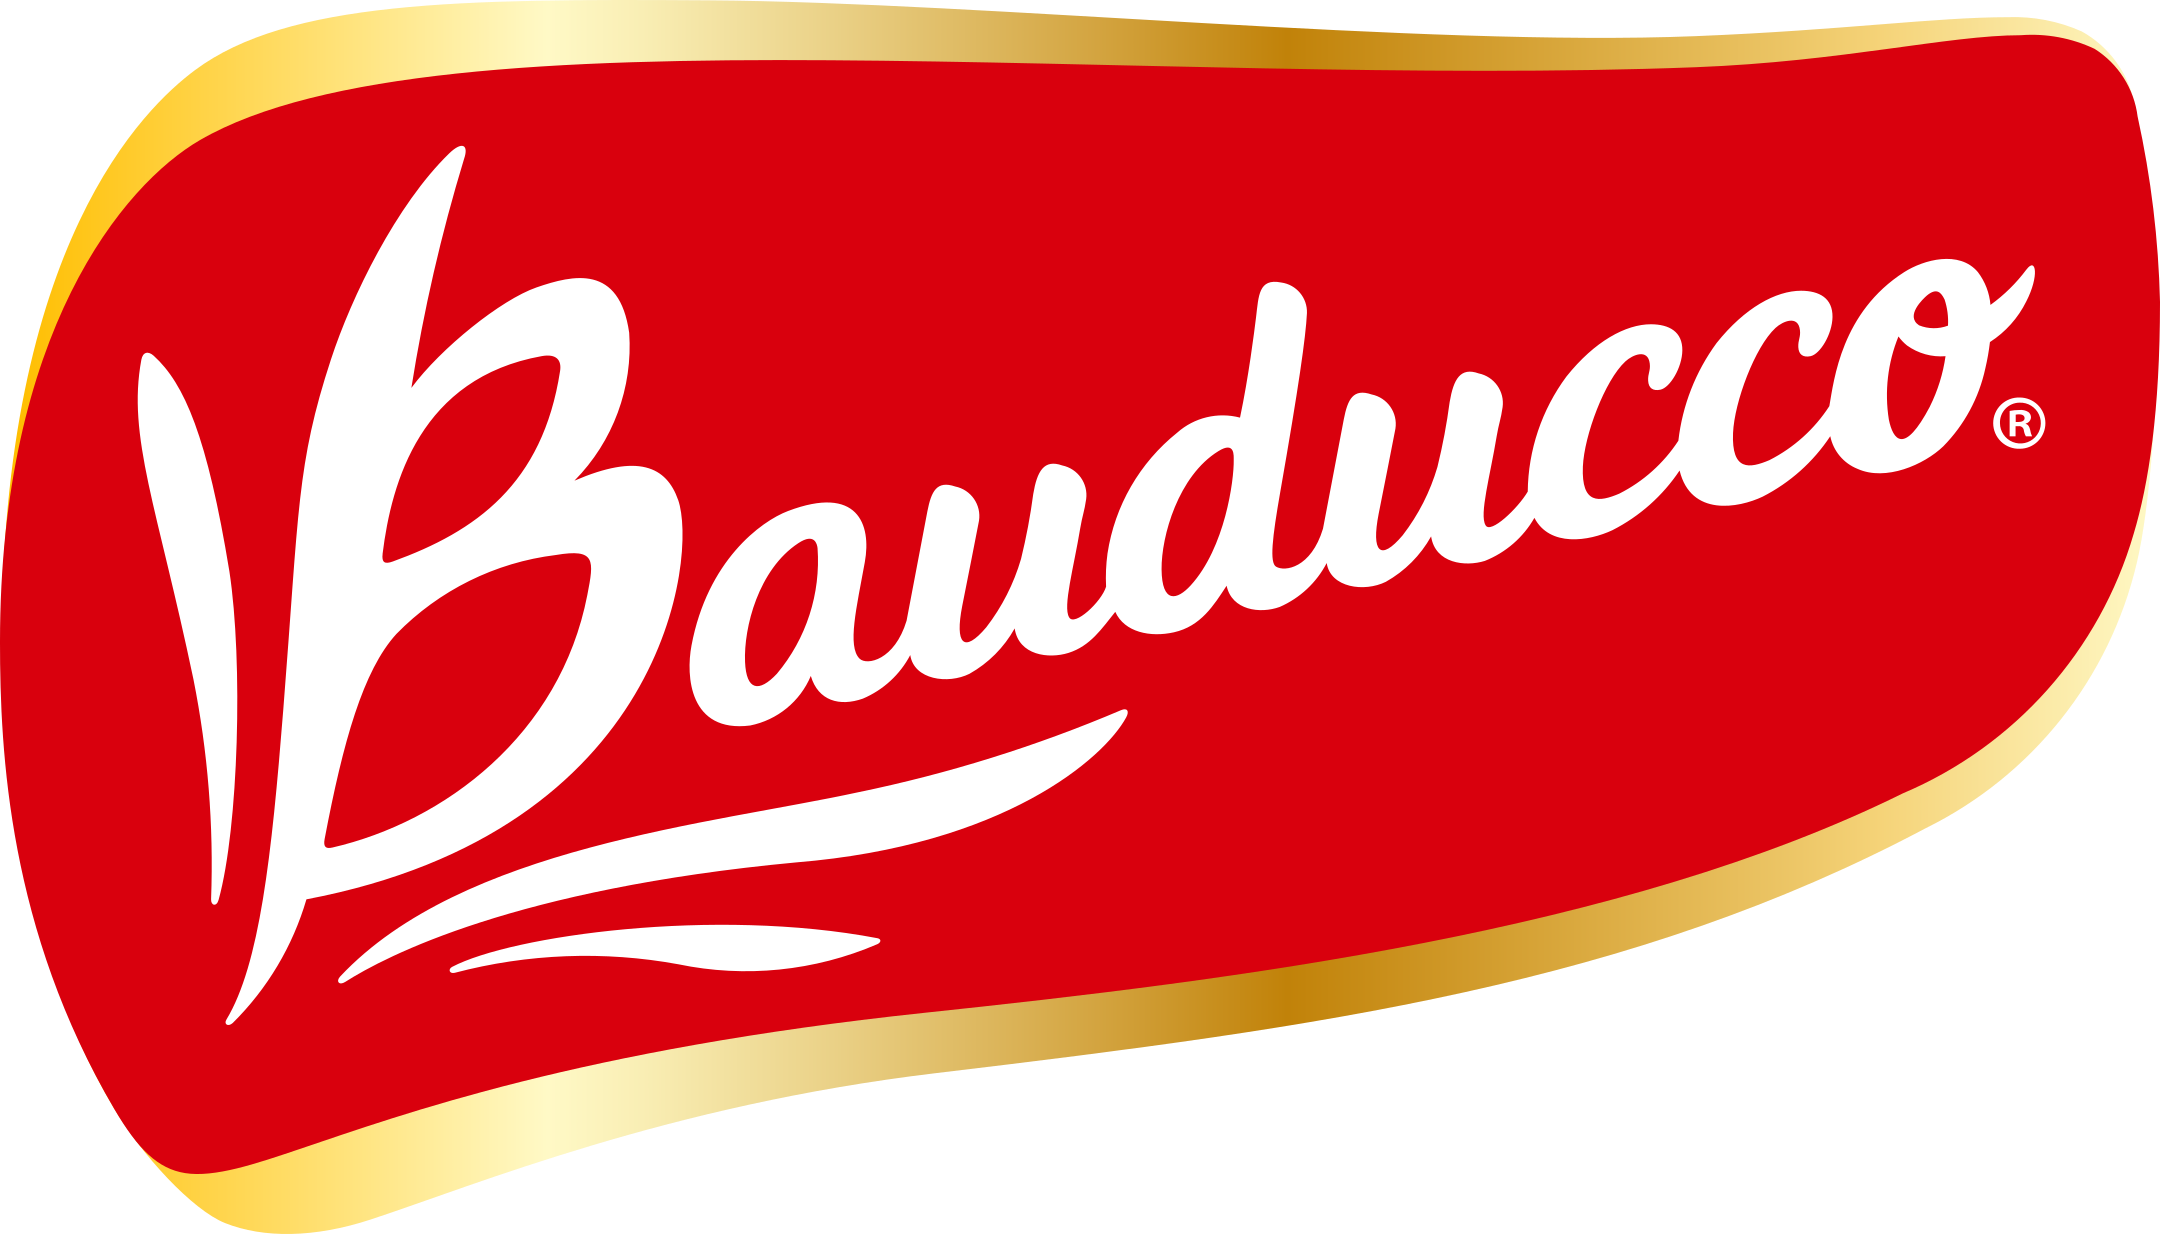 bauducco logo 1 - Bauducco Logo